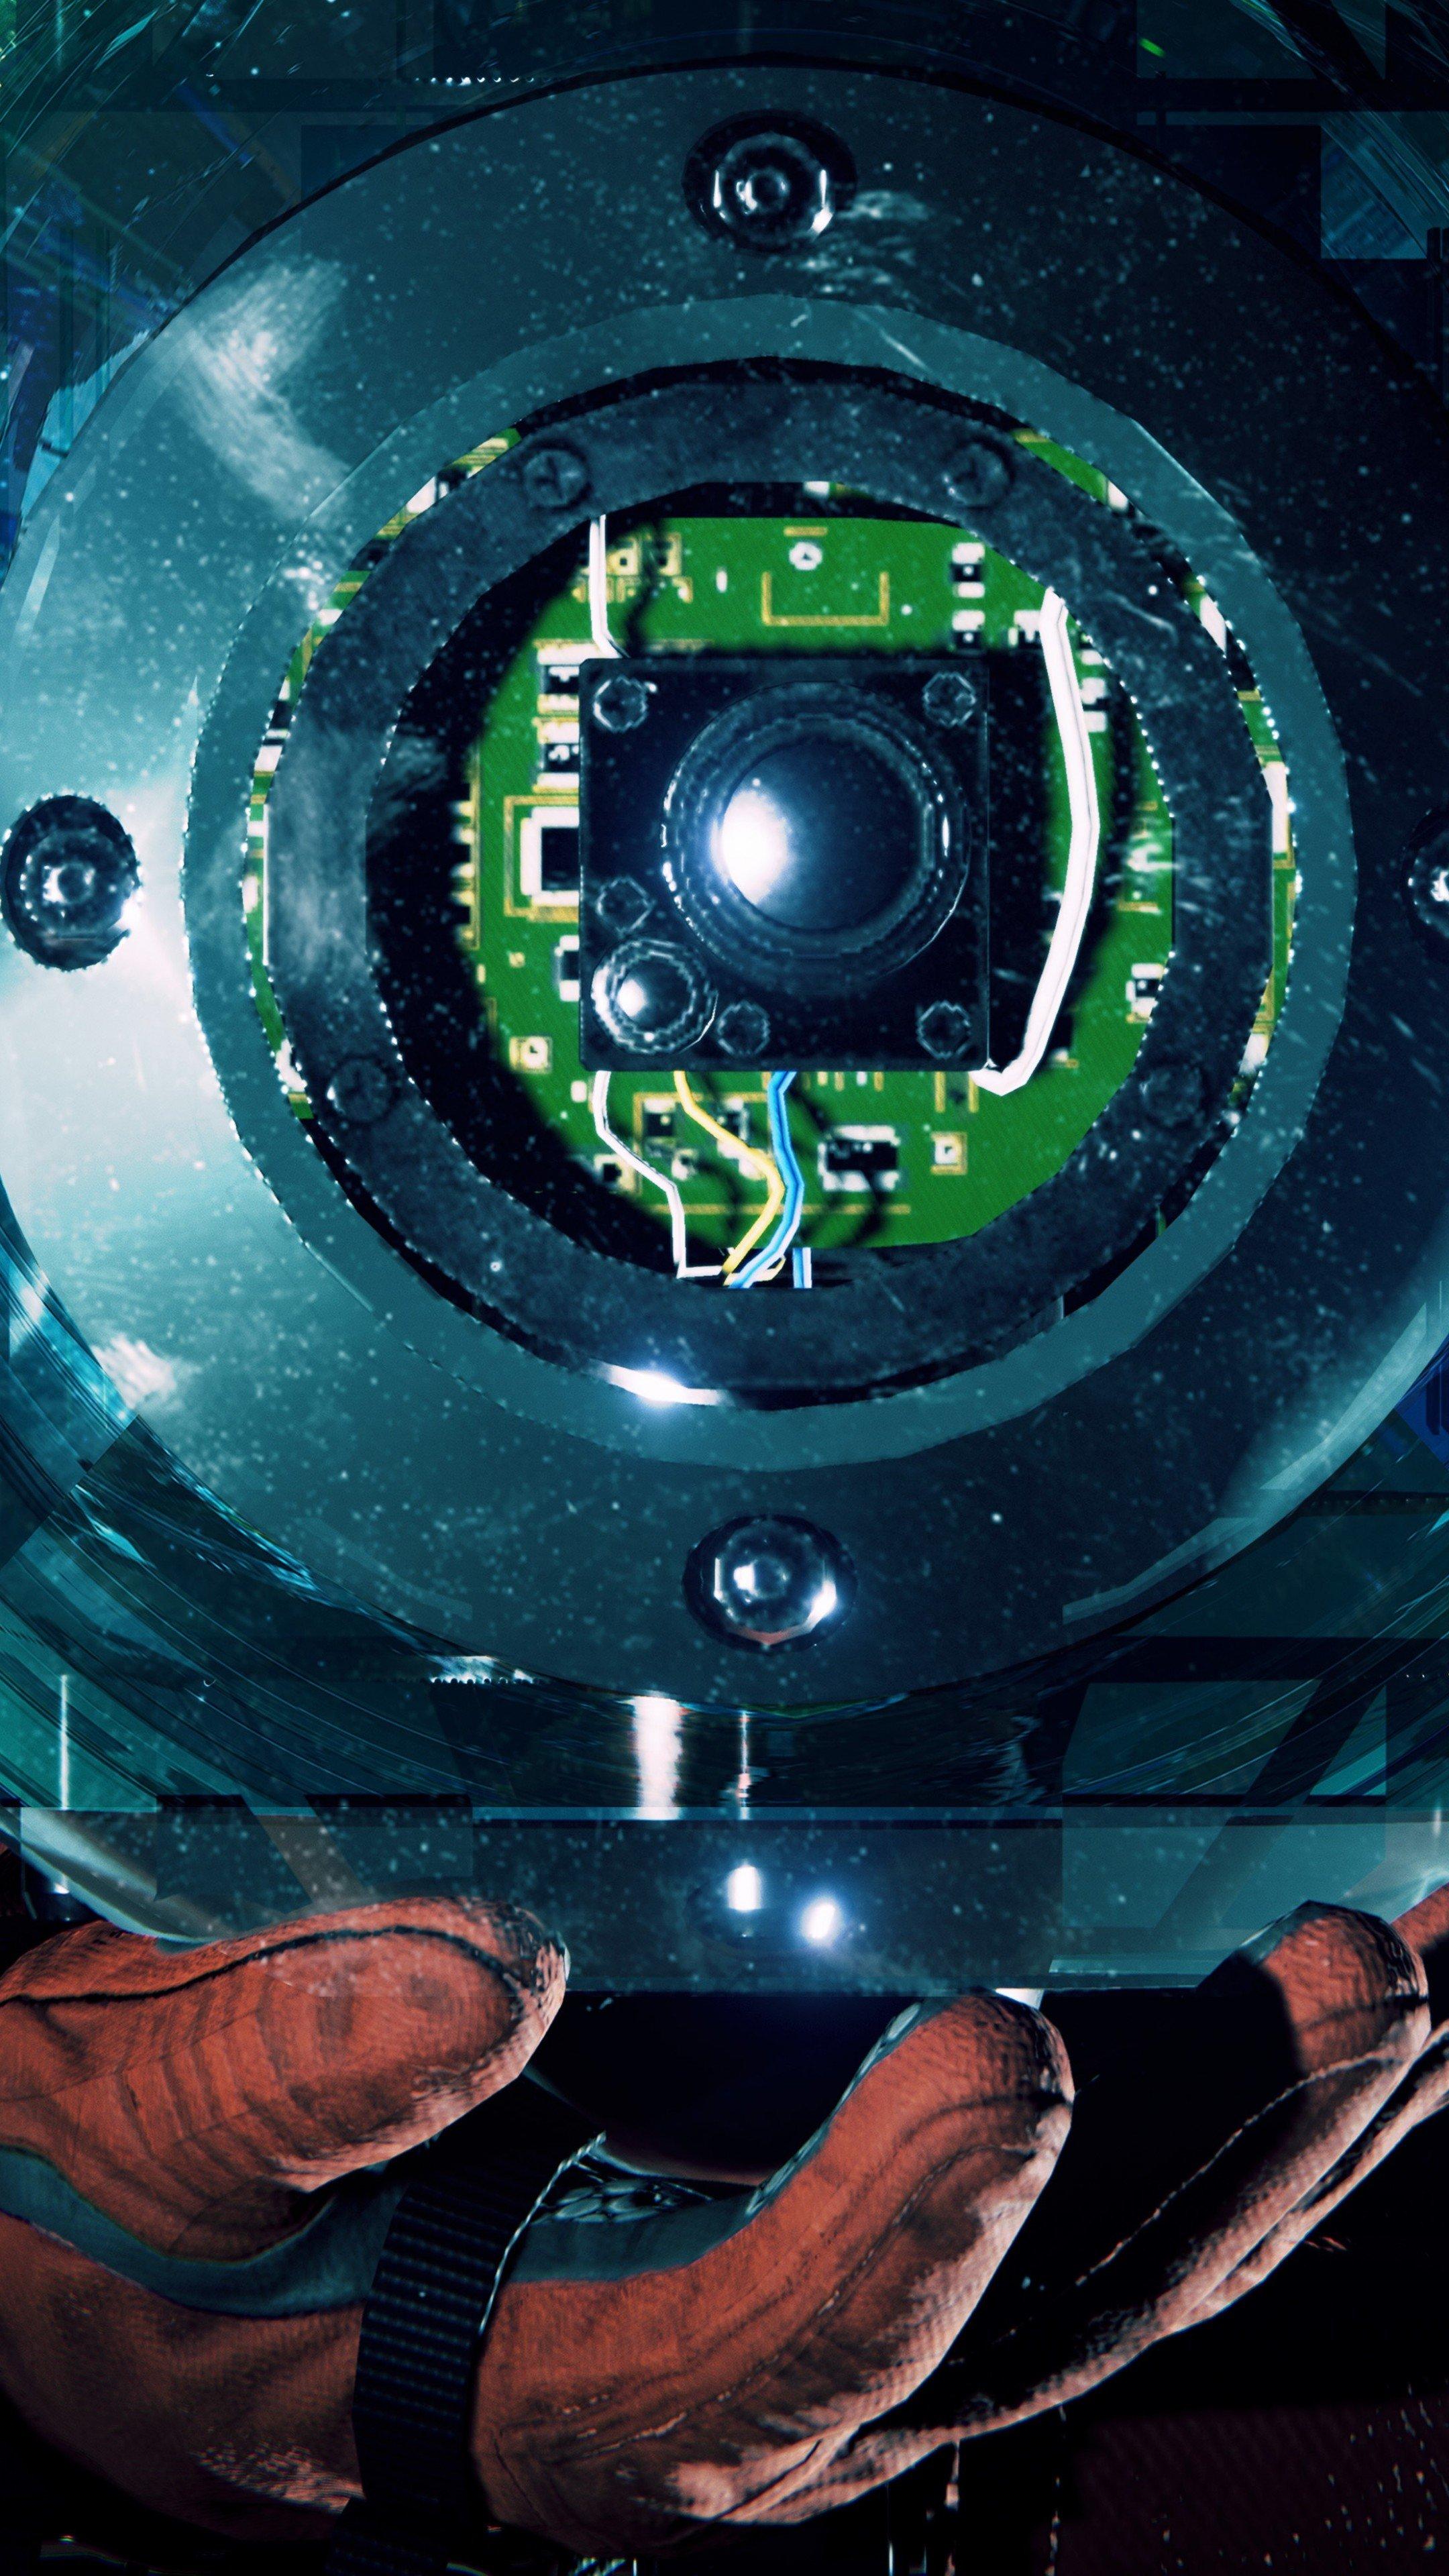 Wallpaper Observation poster 5K Games 21526 2160x3840